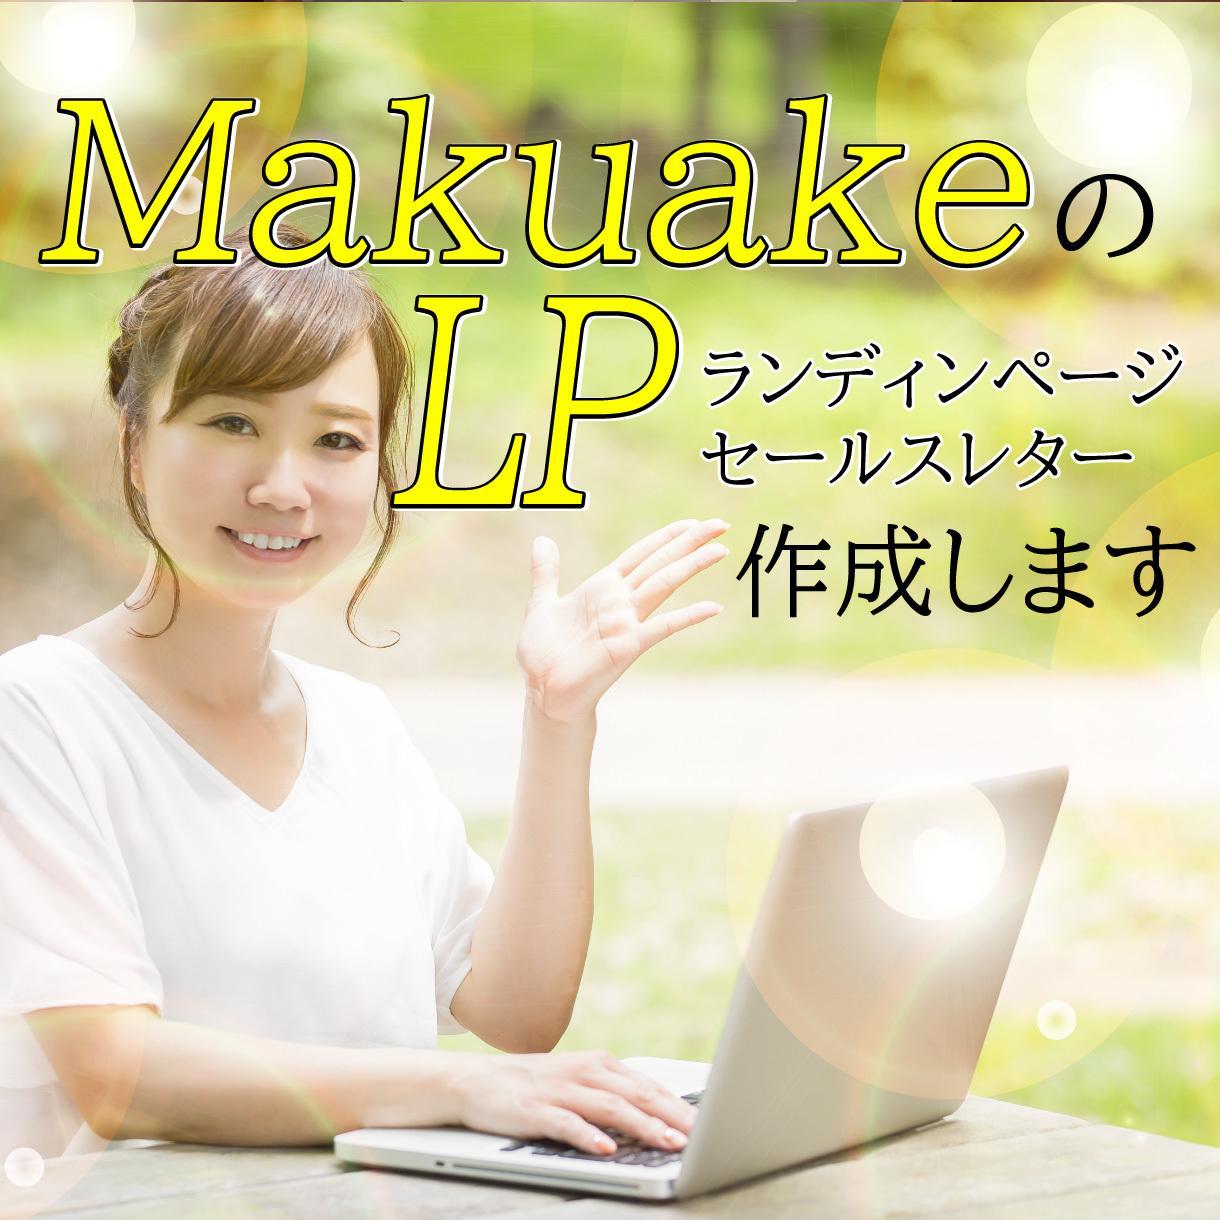 Makuakeの商品ページの文章・画像を作成します 現役物販プレーヤーがクラウドファンディングのサポートをします イメージ1